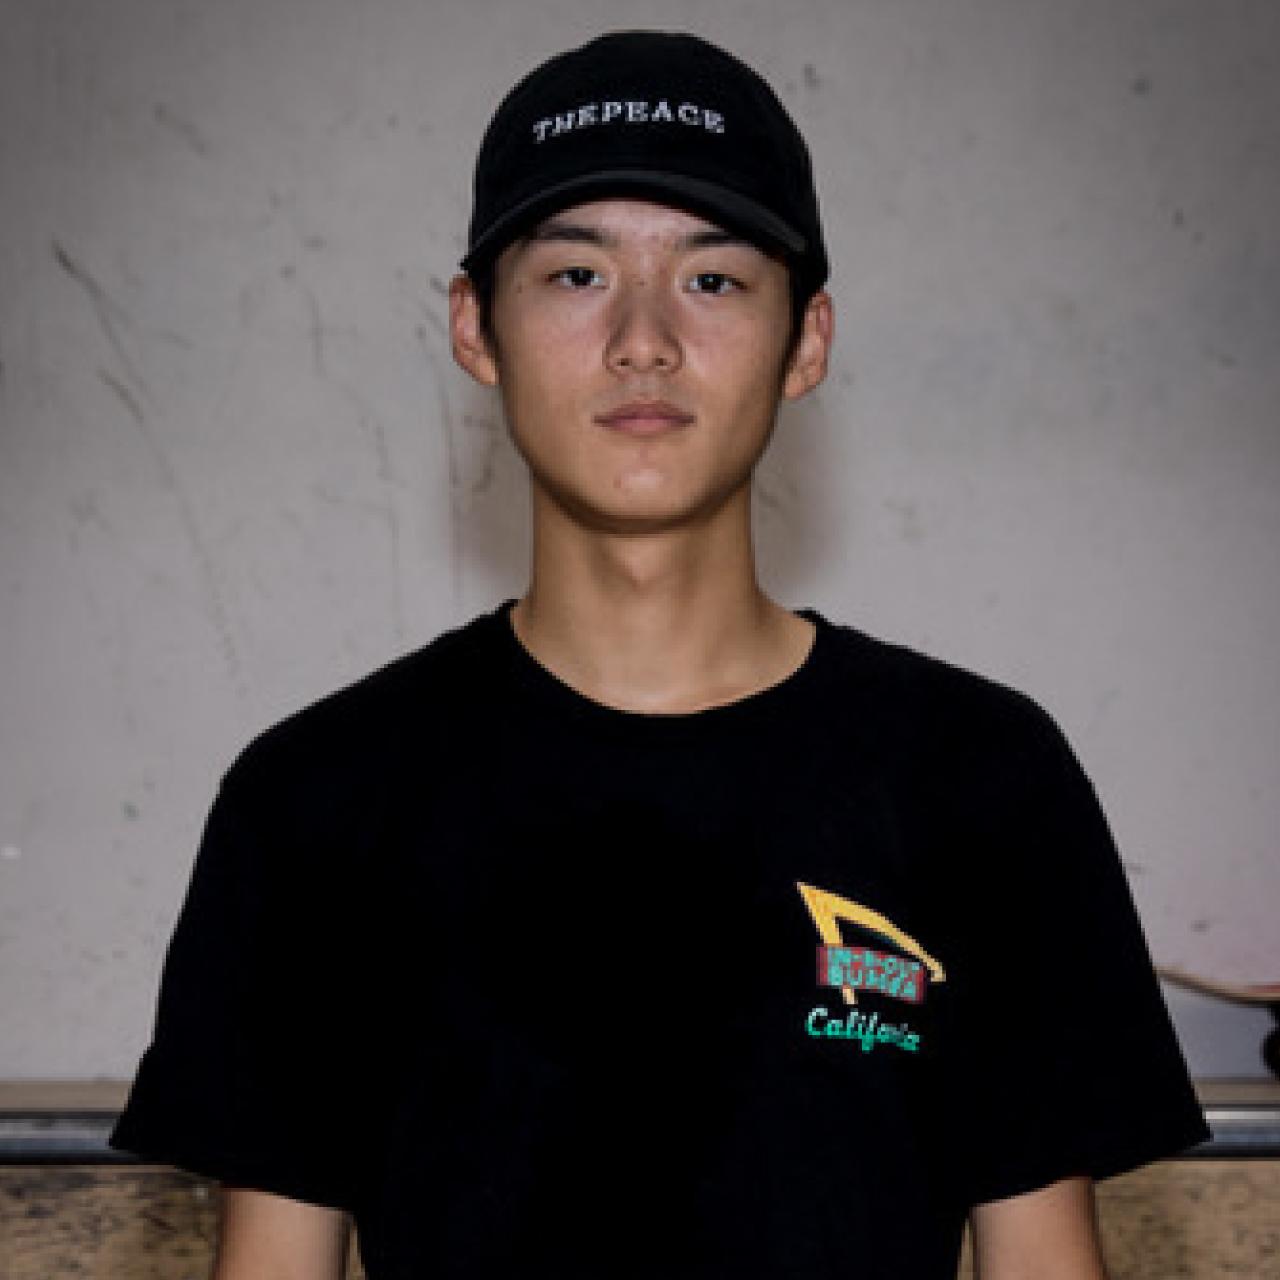 kaito_insta